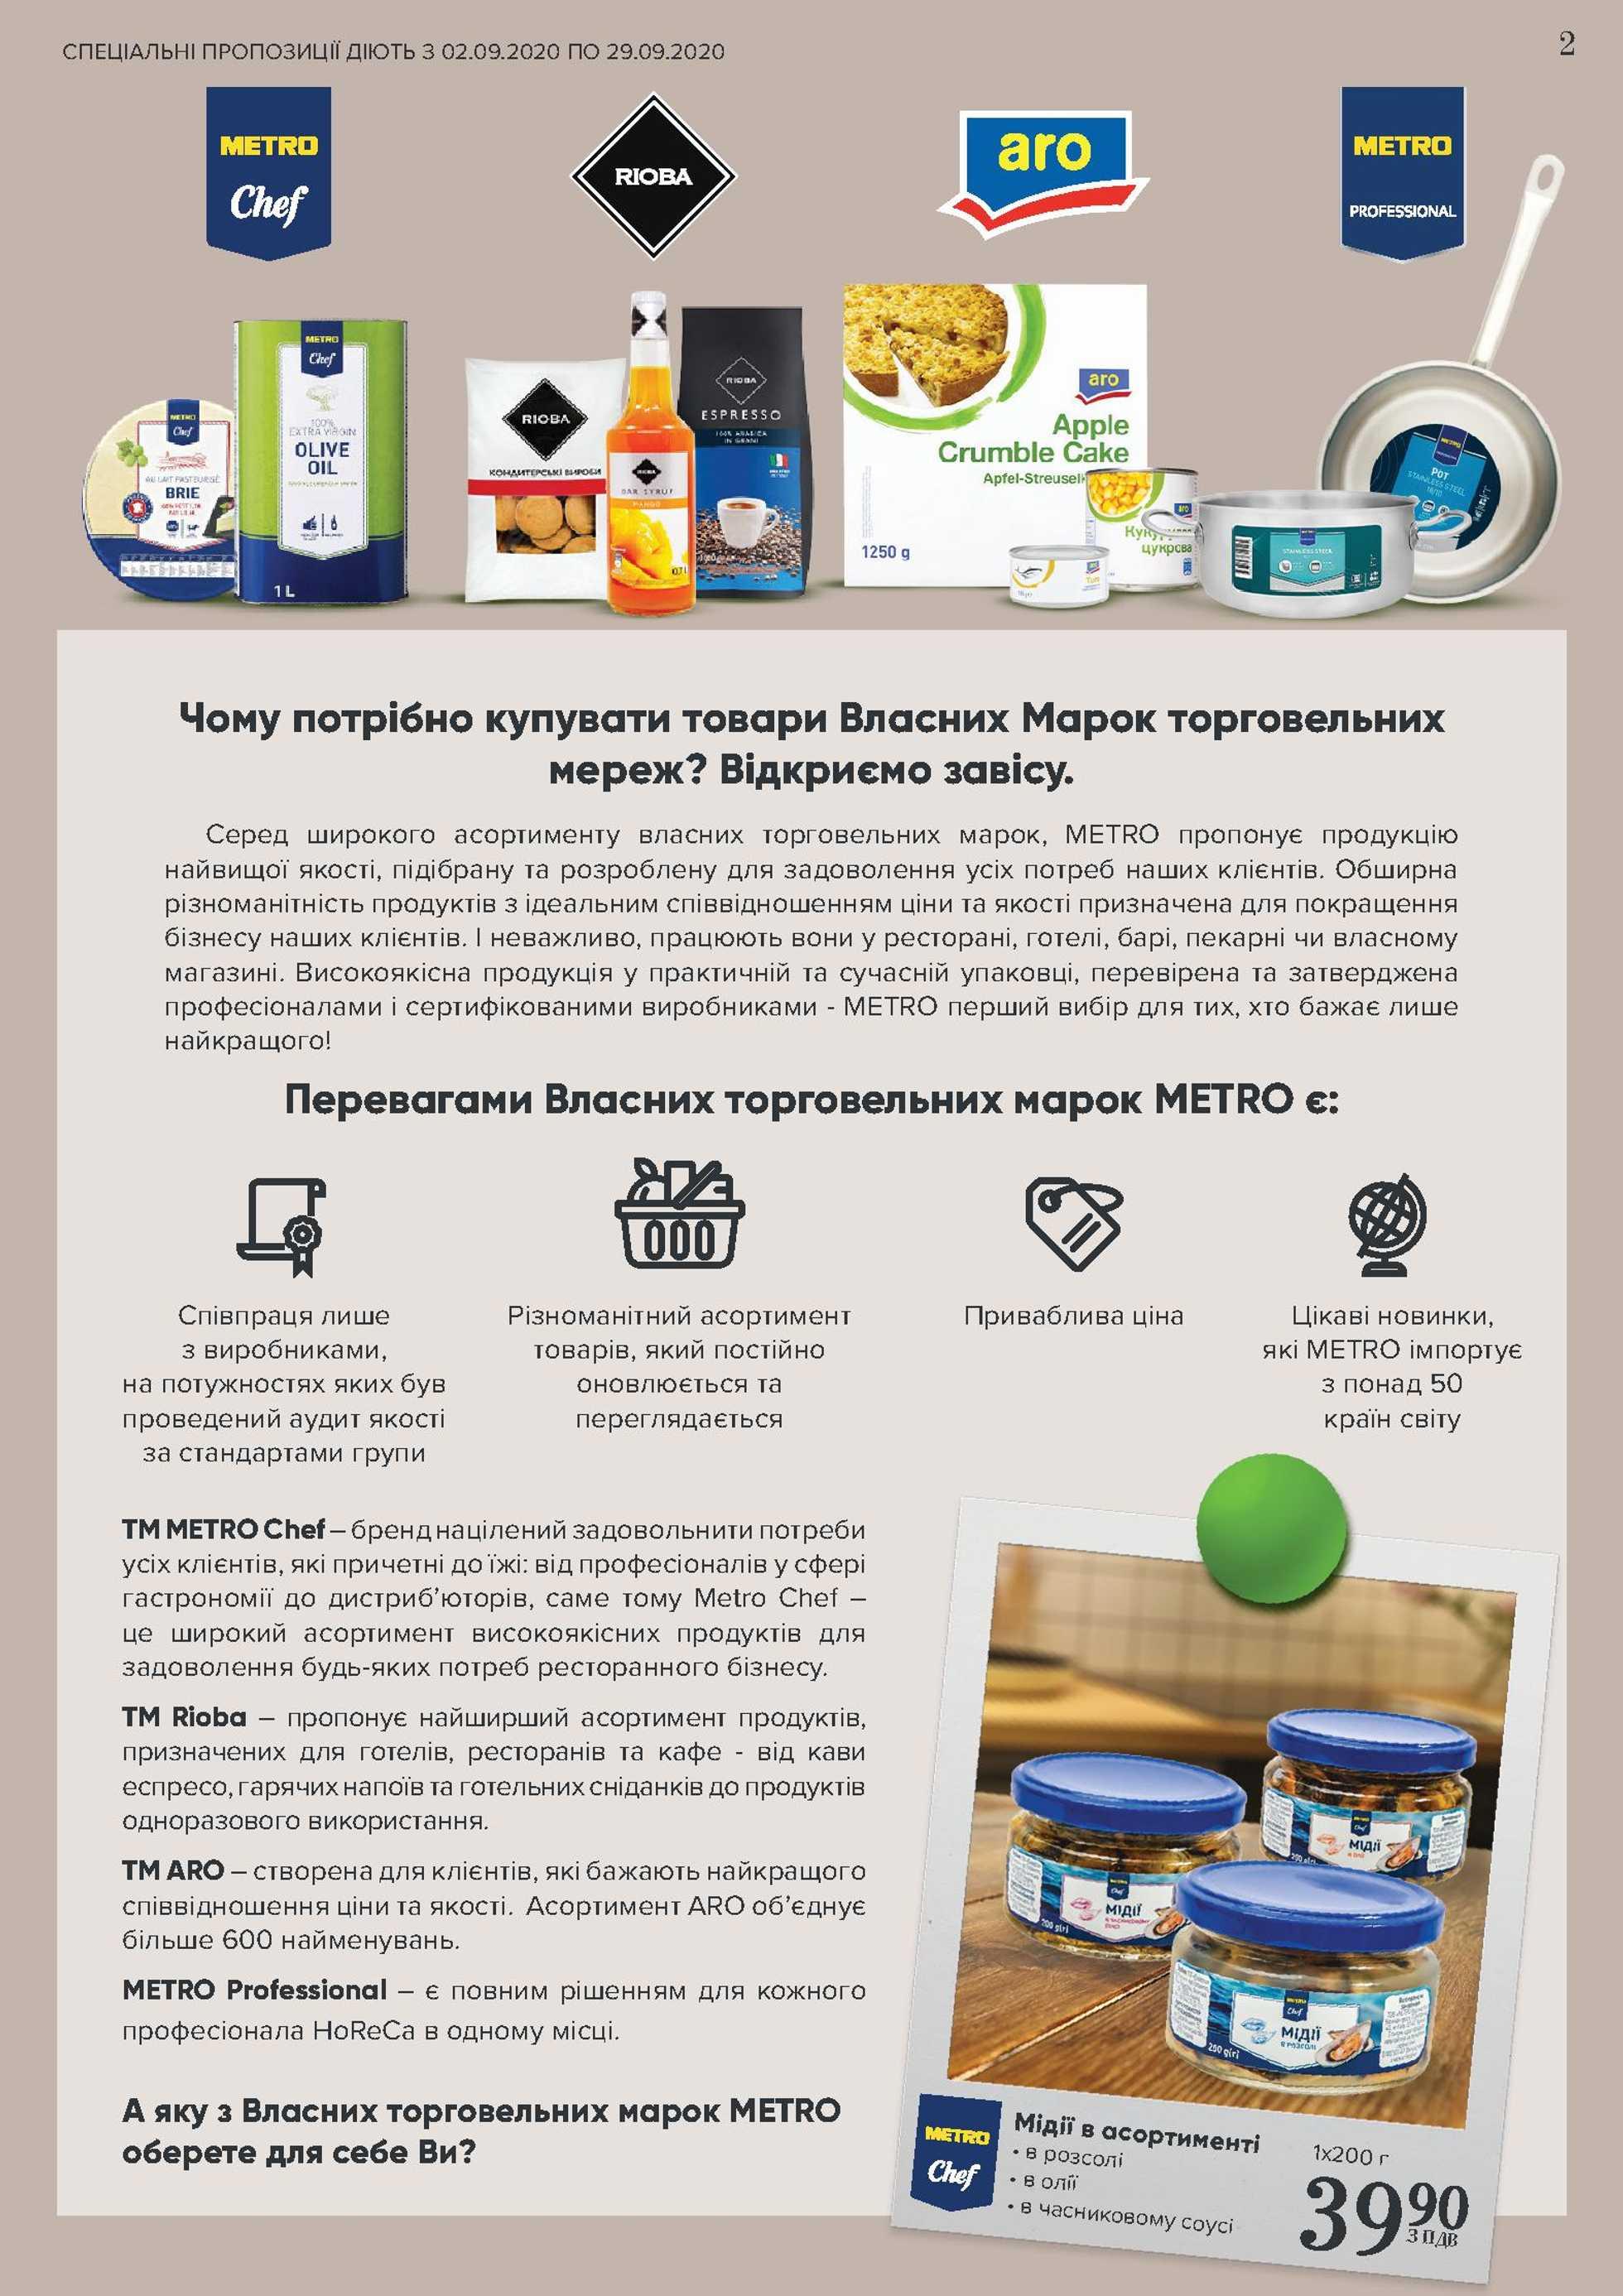 Мэтро Украина - каталог действителен с 02.09.2020 по 29.09.2020 - страница 2.